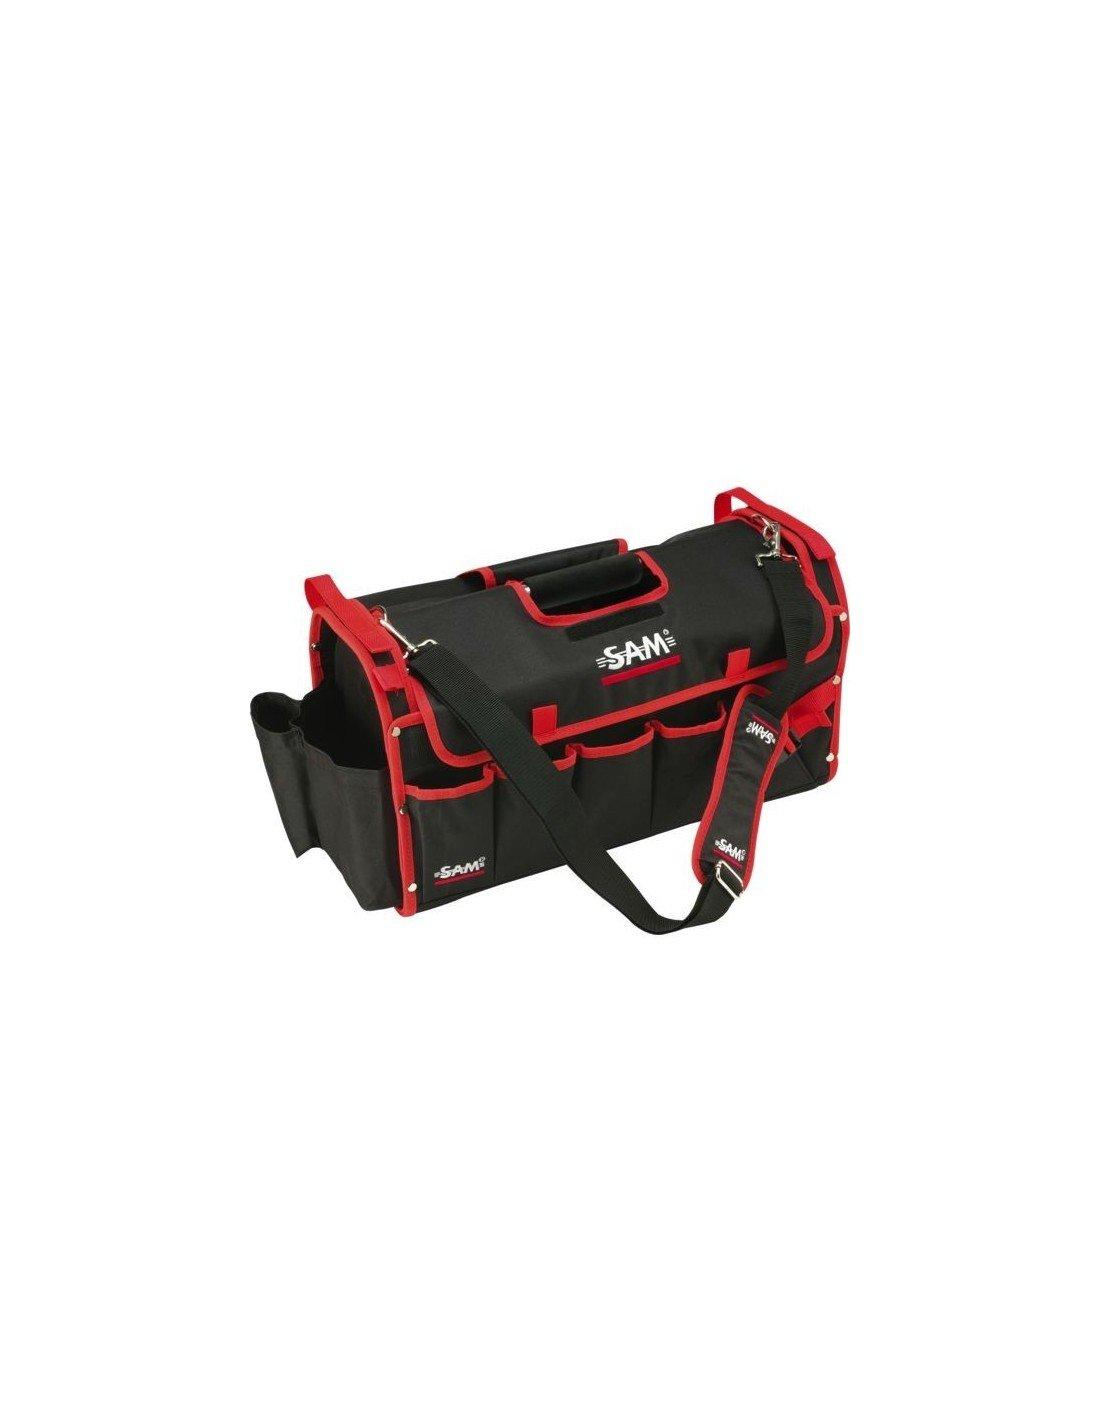 SAM Outillage BAG-2 Caisse à outils textile 420 mm Petit modèle